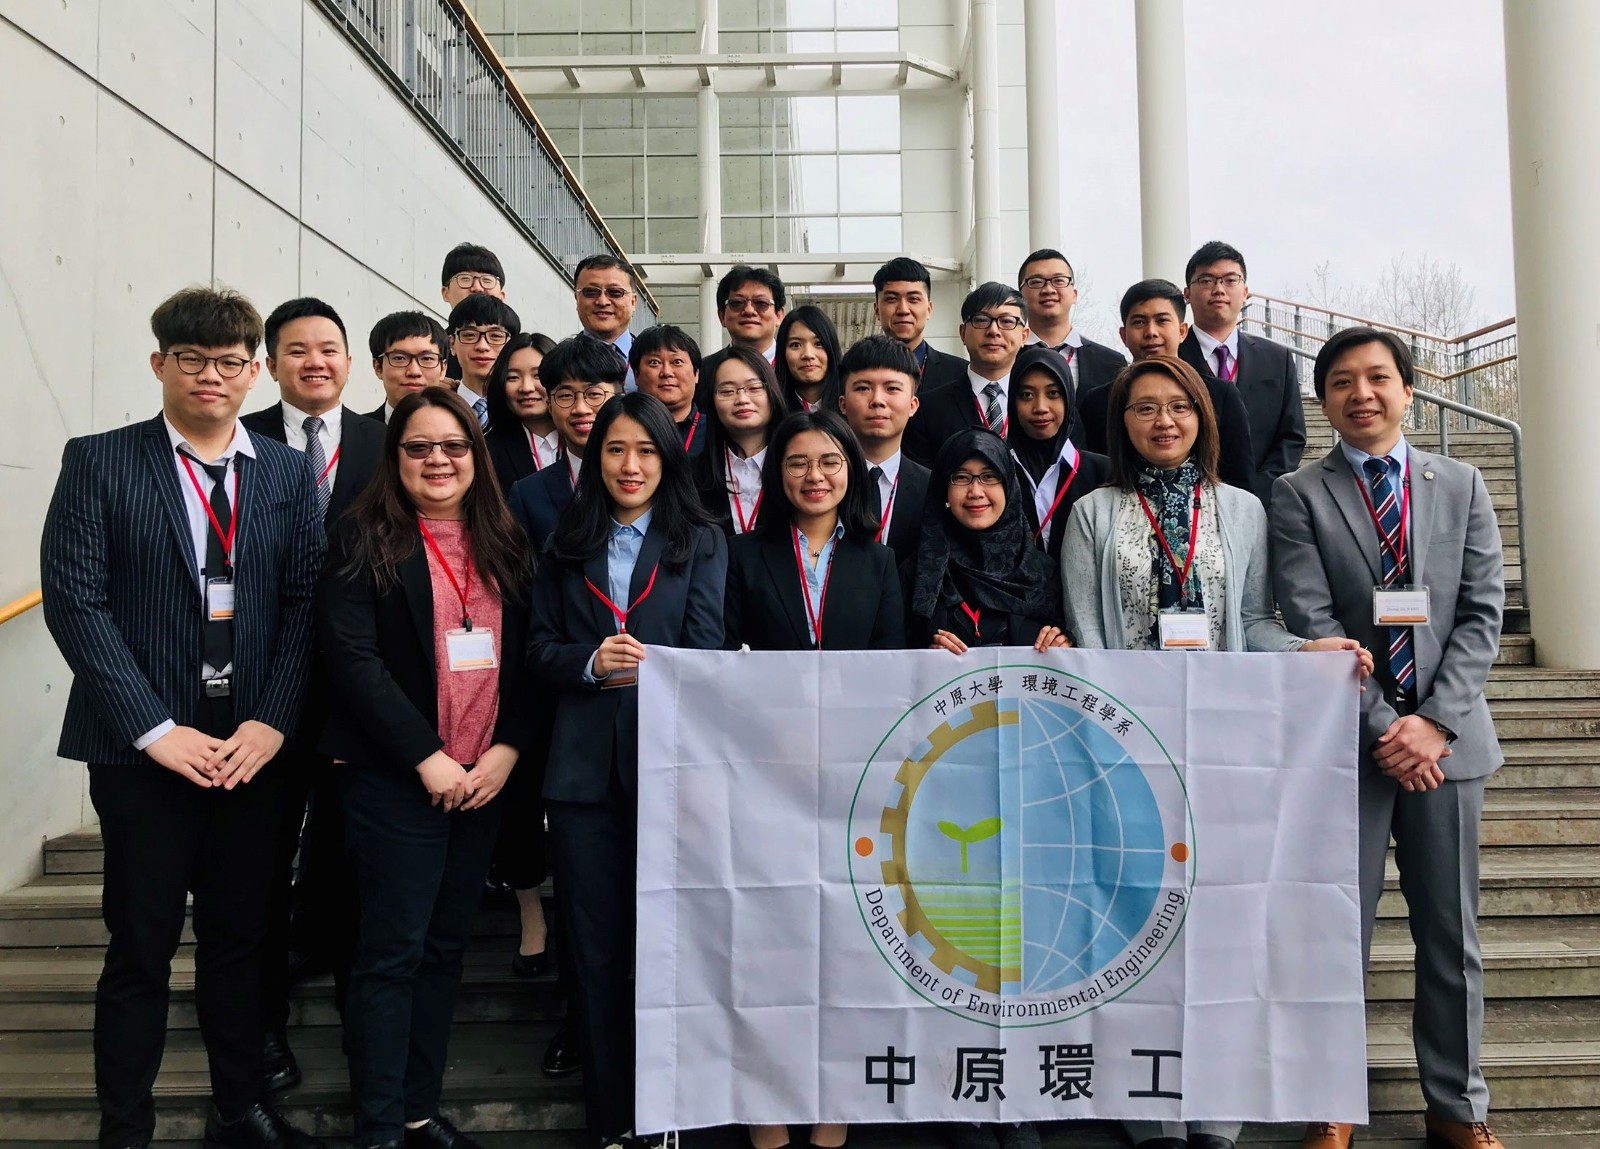 中原環工在北九州市立大學舉辦台日四校研討會,外籍生也一同參與交流研習。.jpg